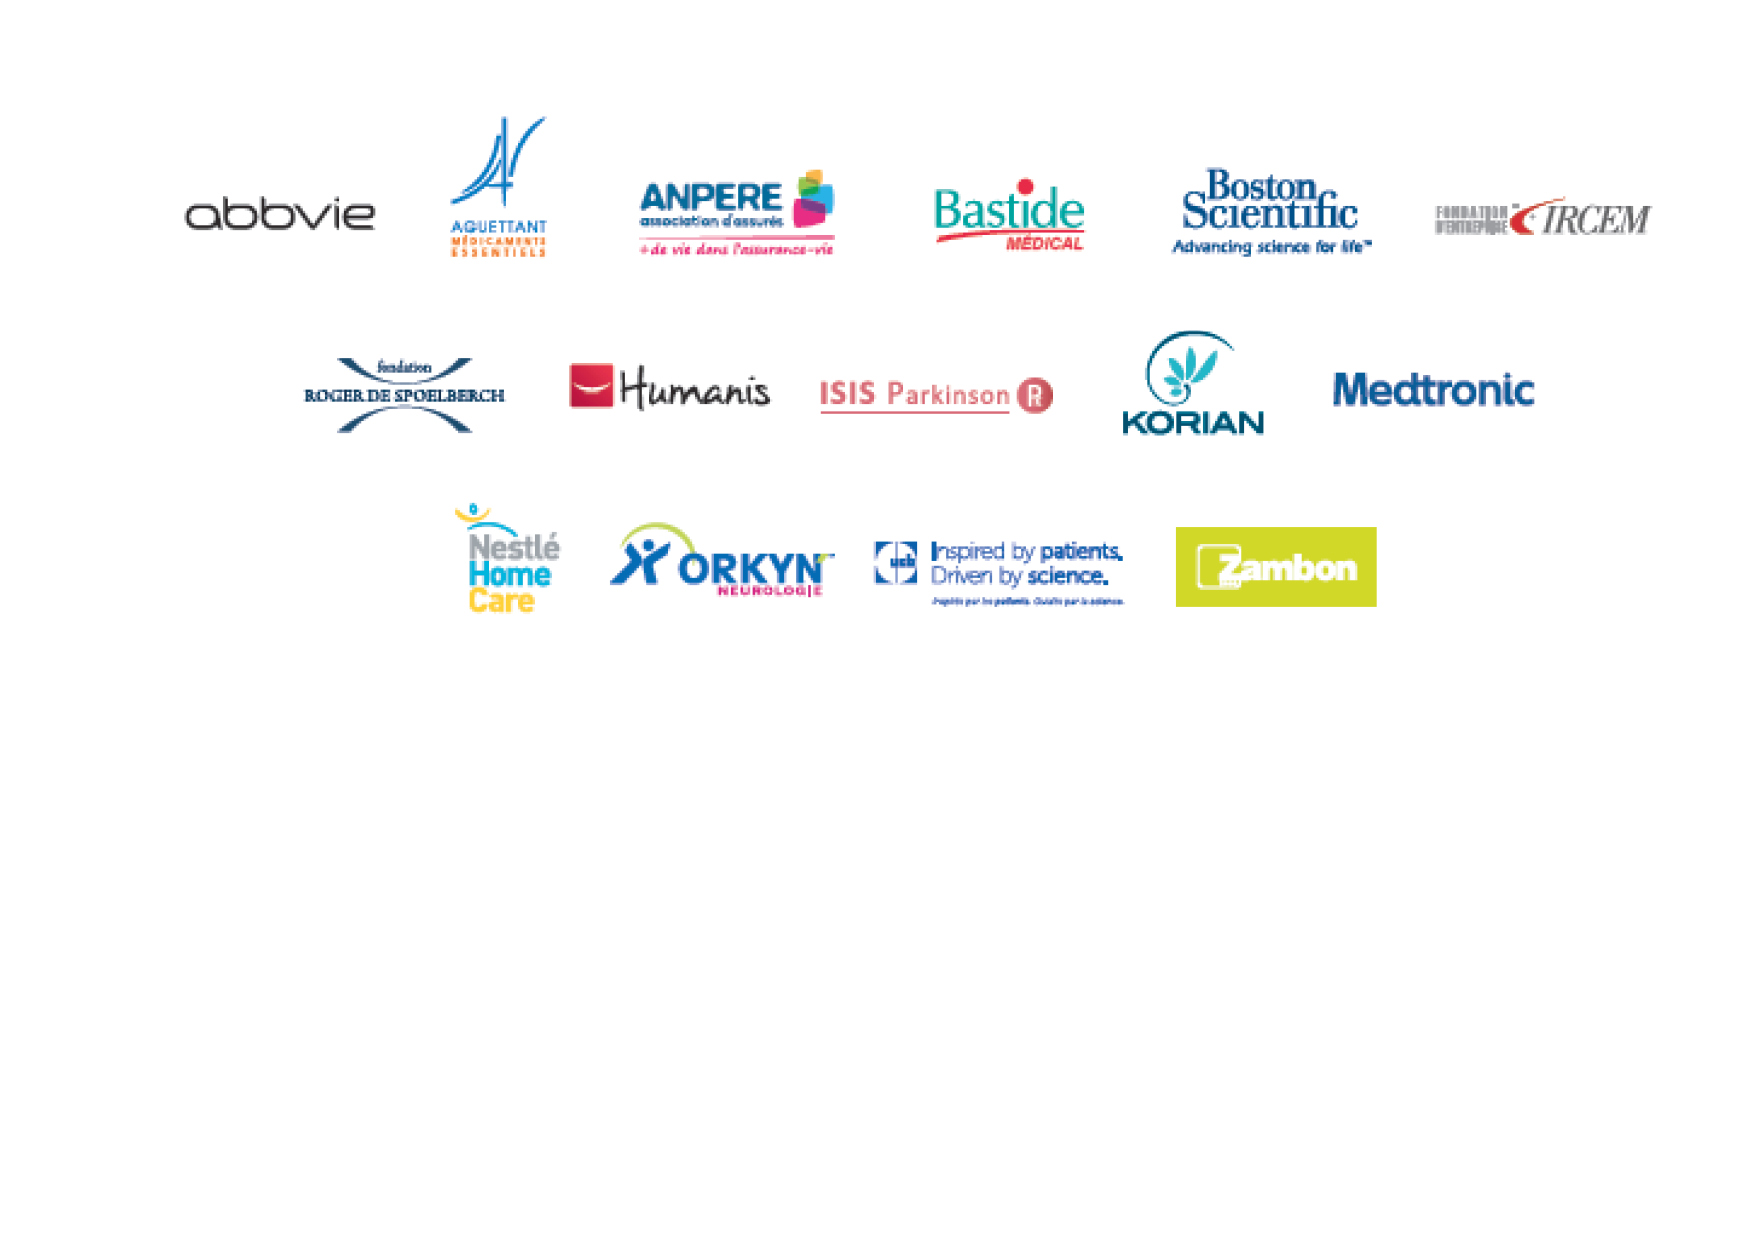 Partenaires de la journée mondiale Parkinson 2017